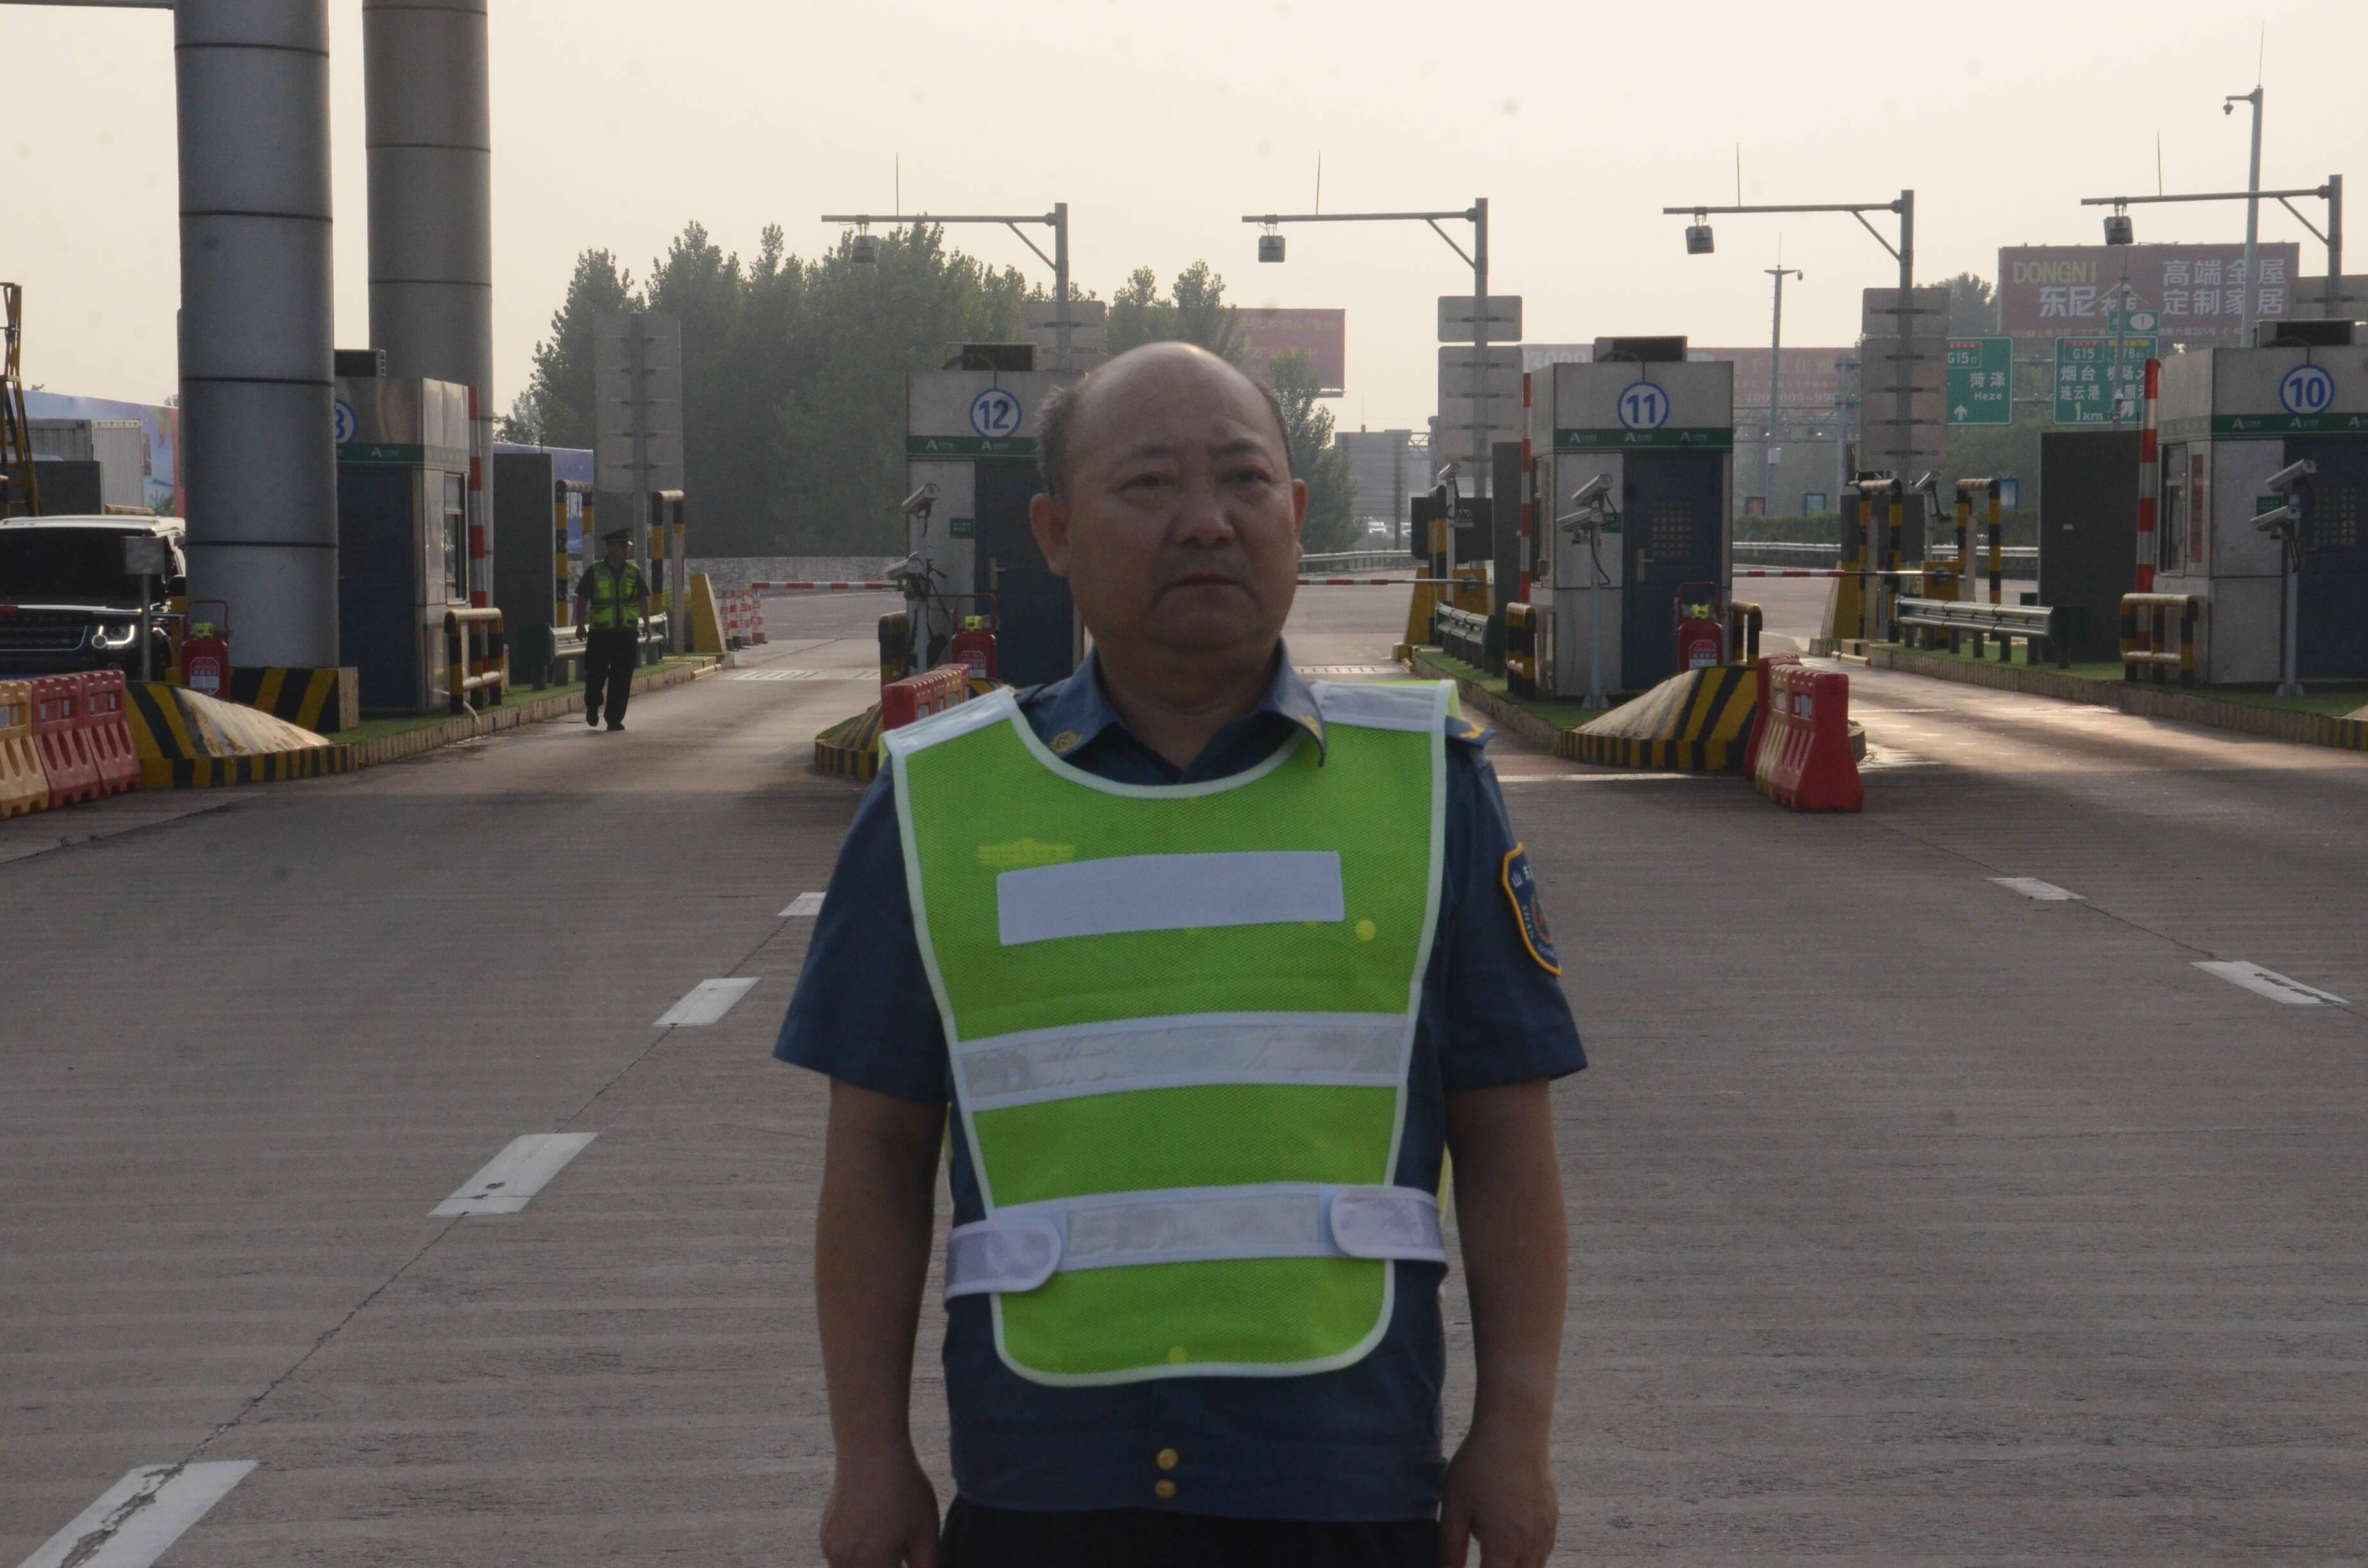 日照收费站站长公庆亮: 21年如一日保障通行 用实际行动践行责任担当